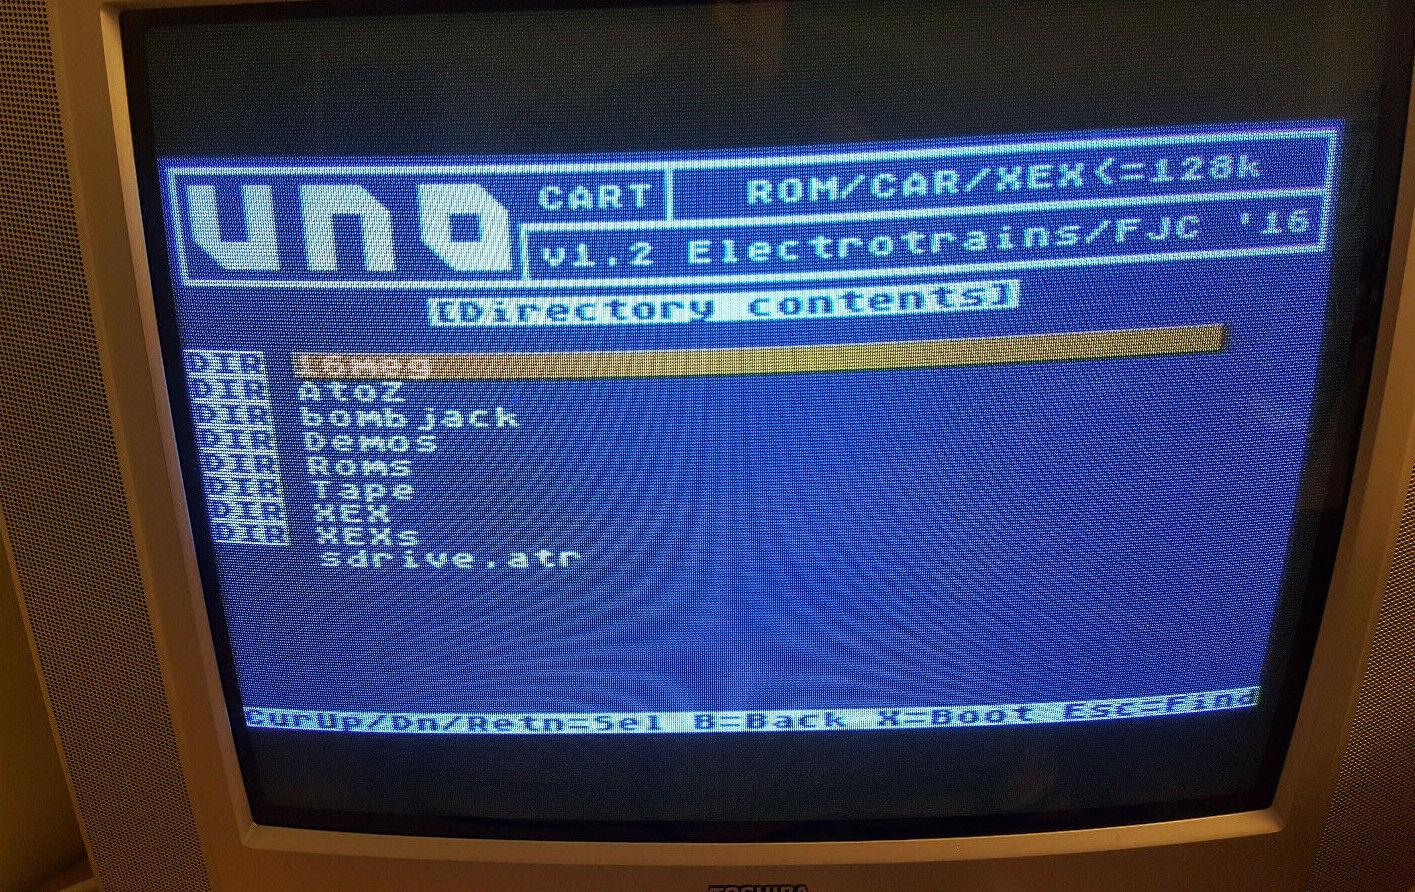 |UnoCart Atari 800xl 130xe 65xe XEGS Sd cartridge …